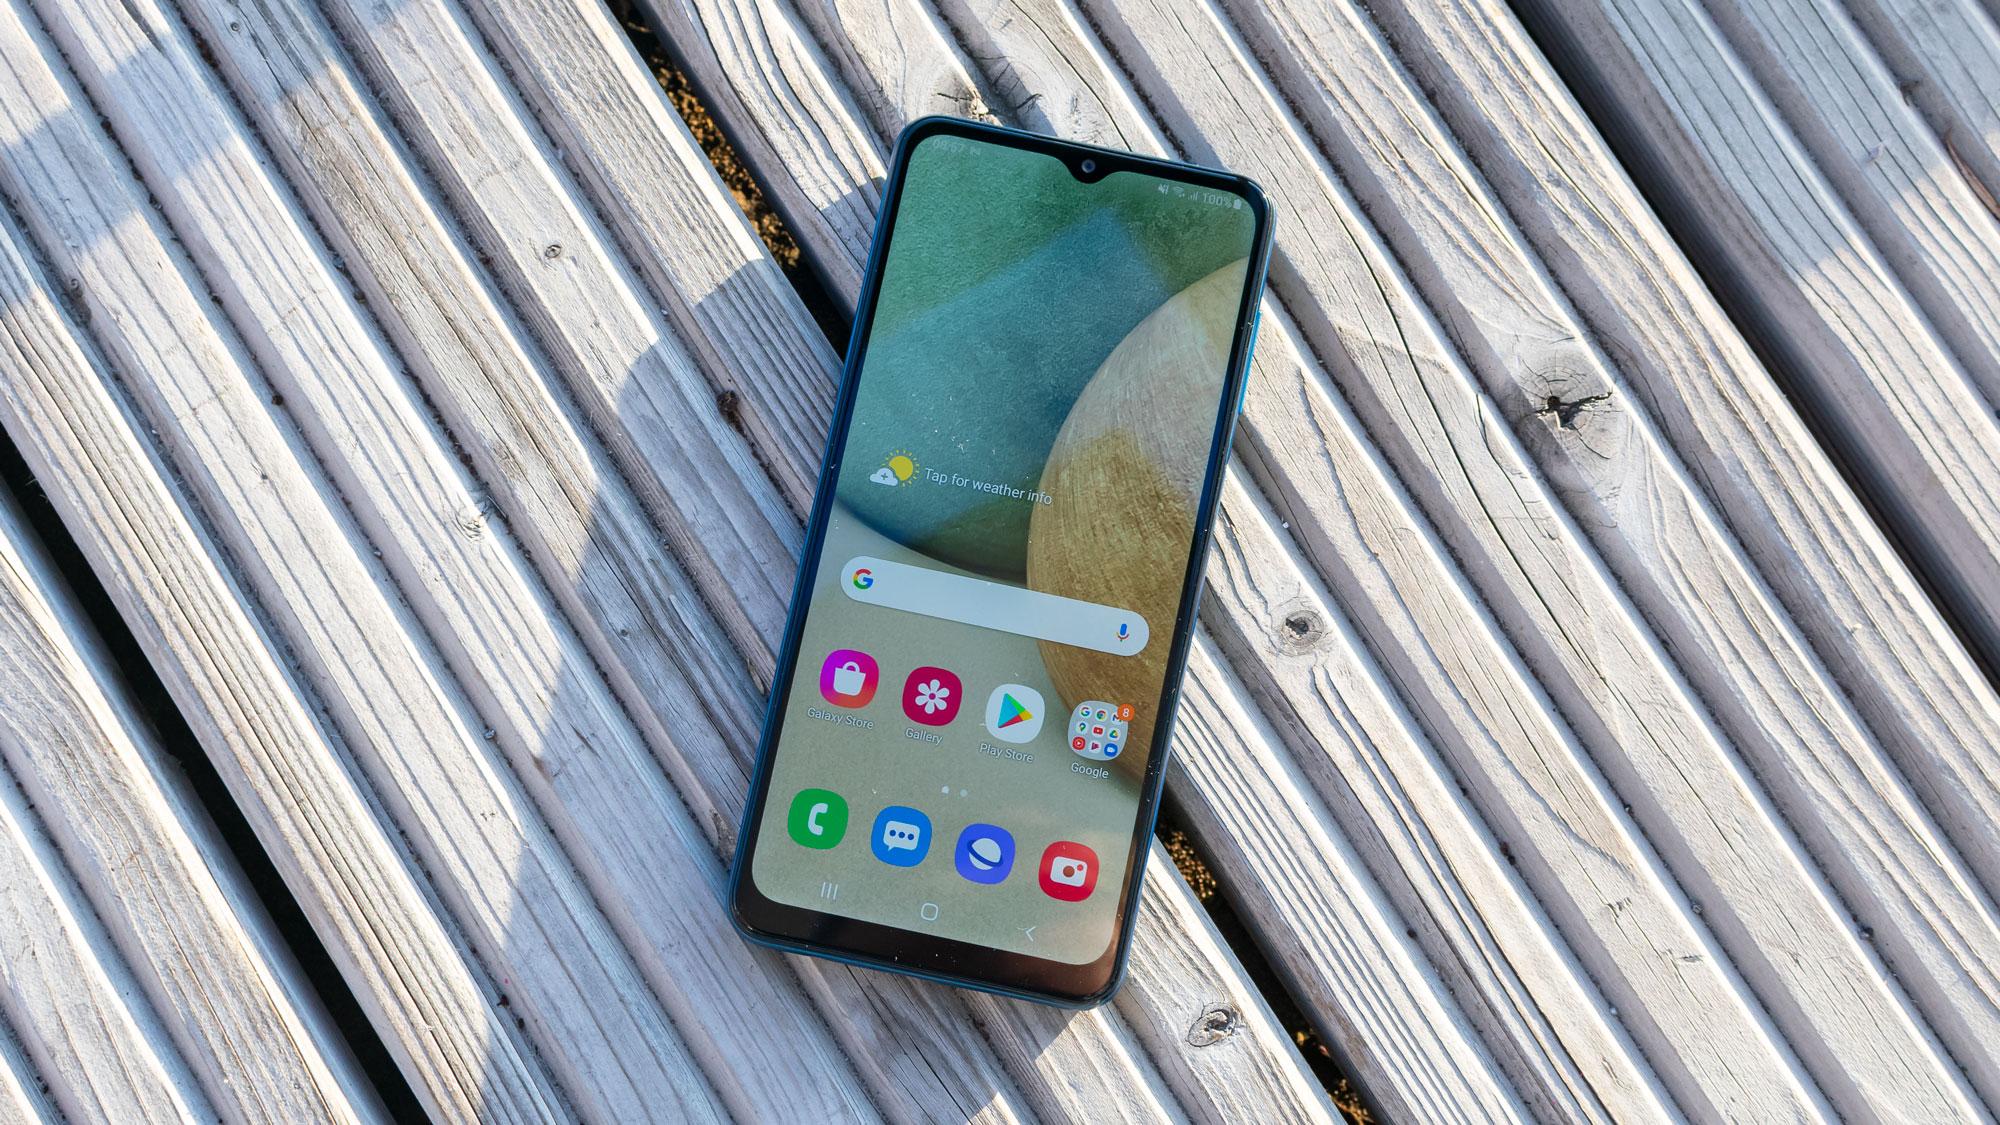 مزايا وعيوب هاتف Samsung Galaxy A12 الاقتصادي الجديد